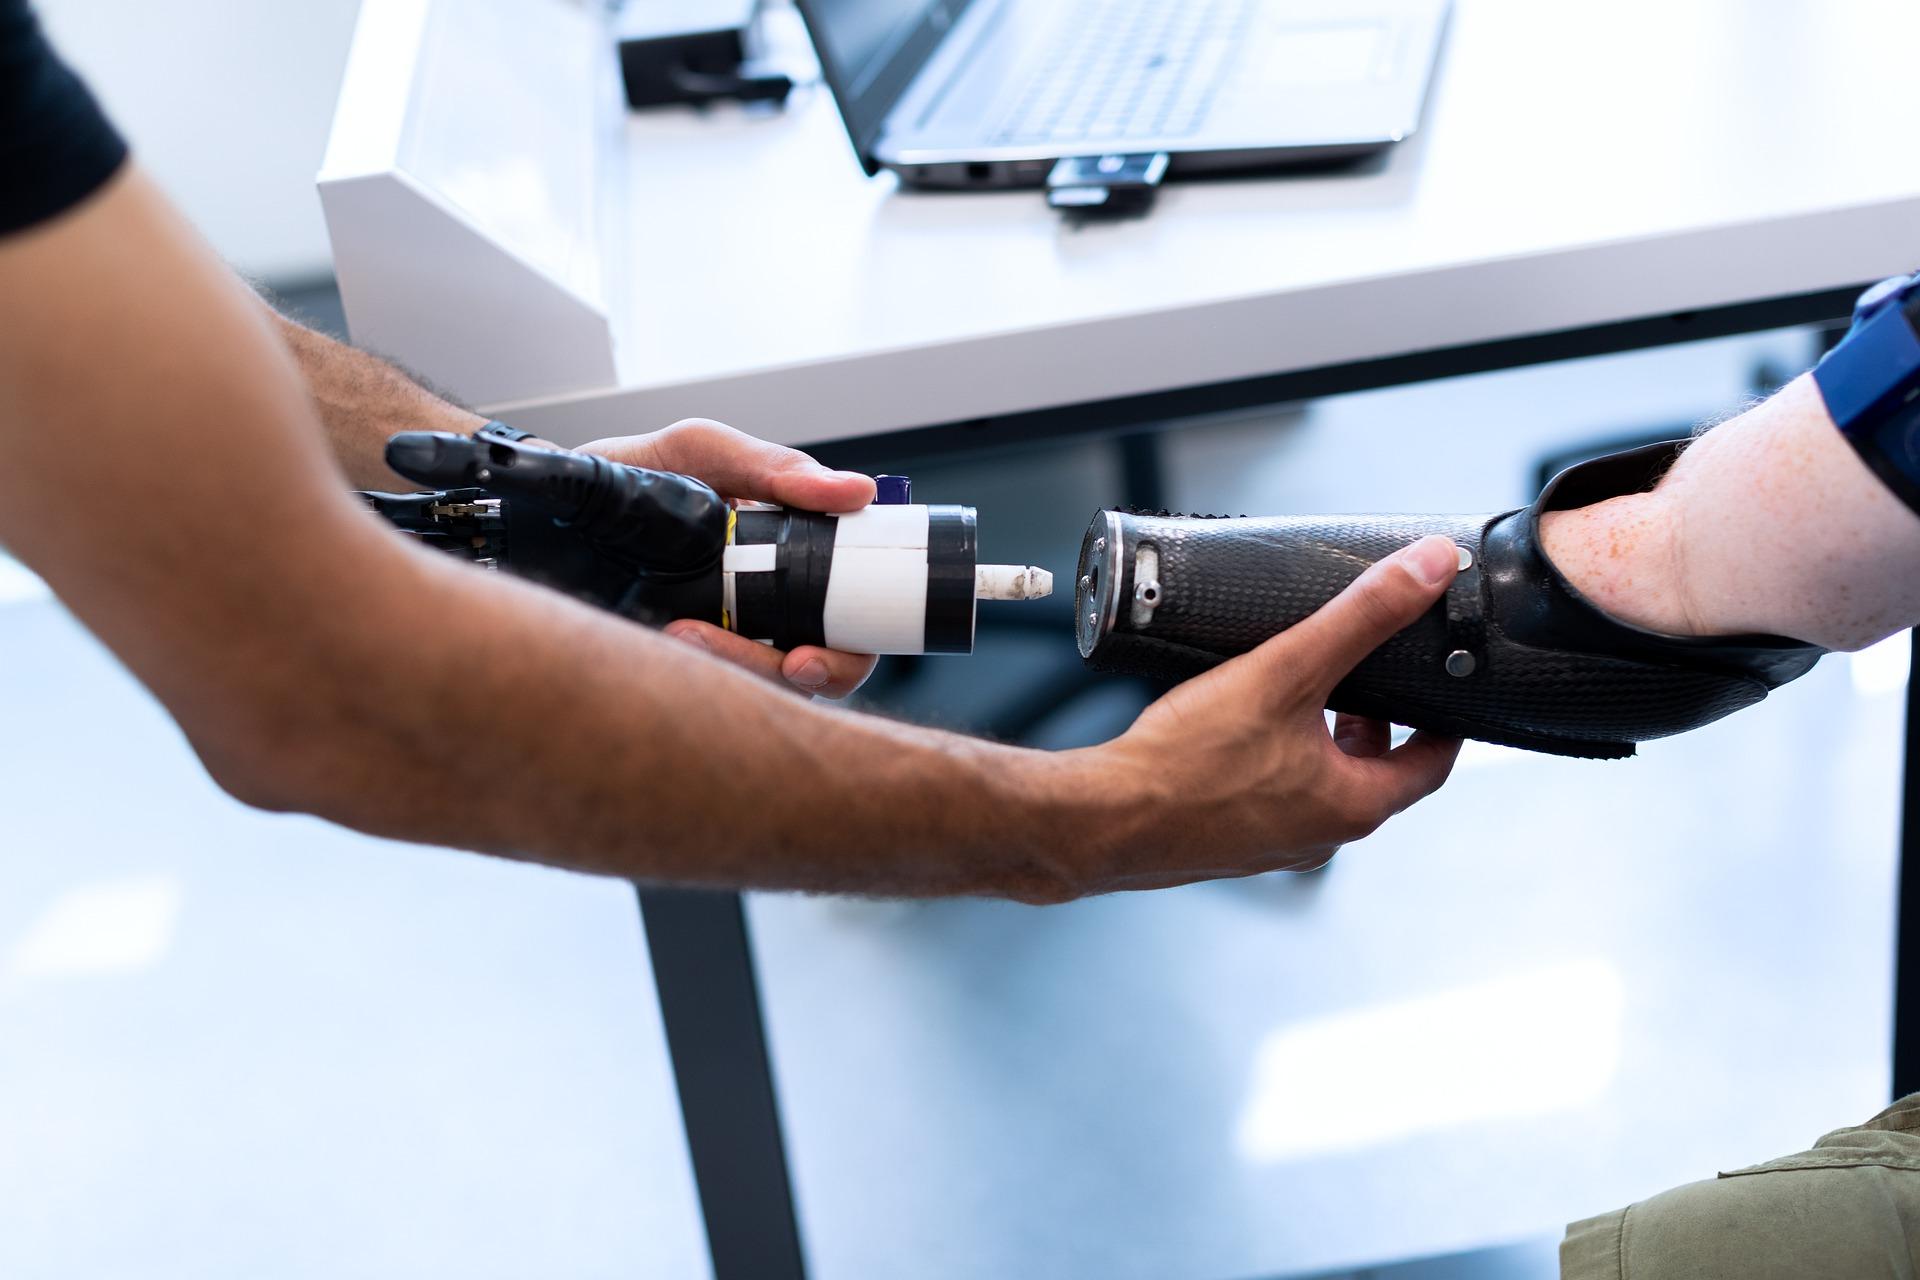 הערכת טכנולוגיה רפואית האם שימוש ברובוטים מעלה את אחוזי הרשלנות